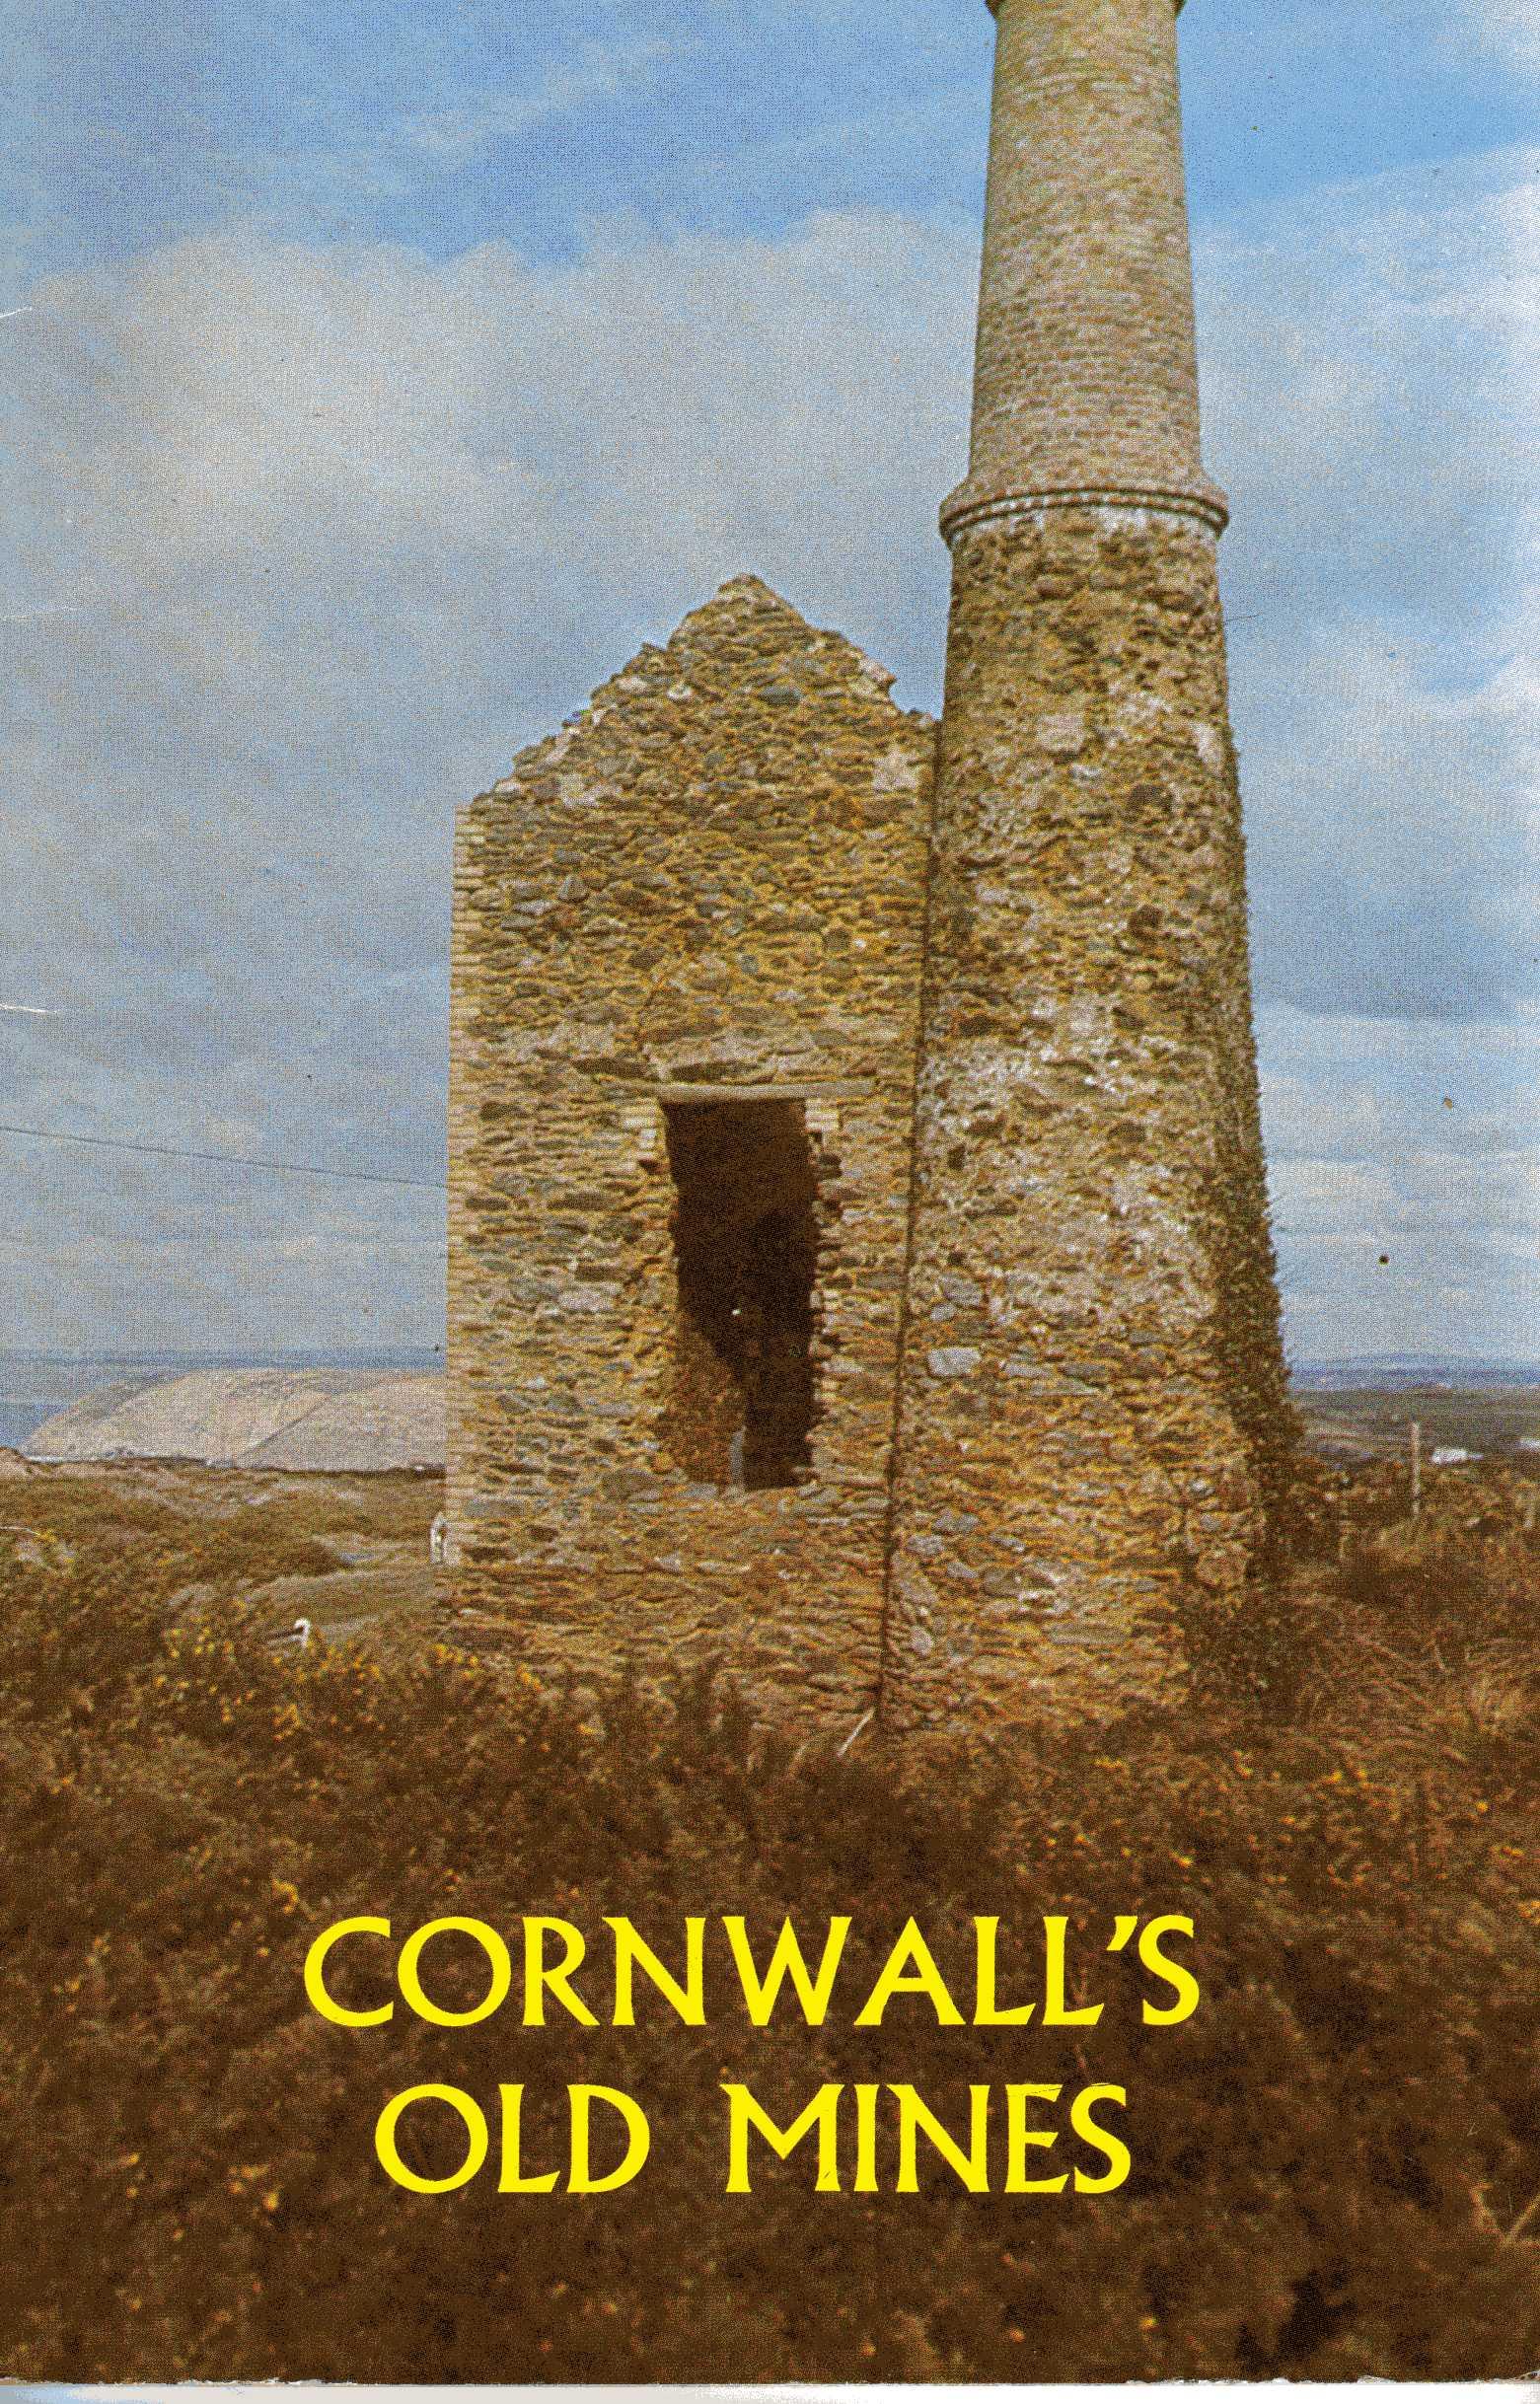 [USED] Cornwall's Old Mines